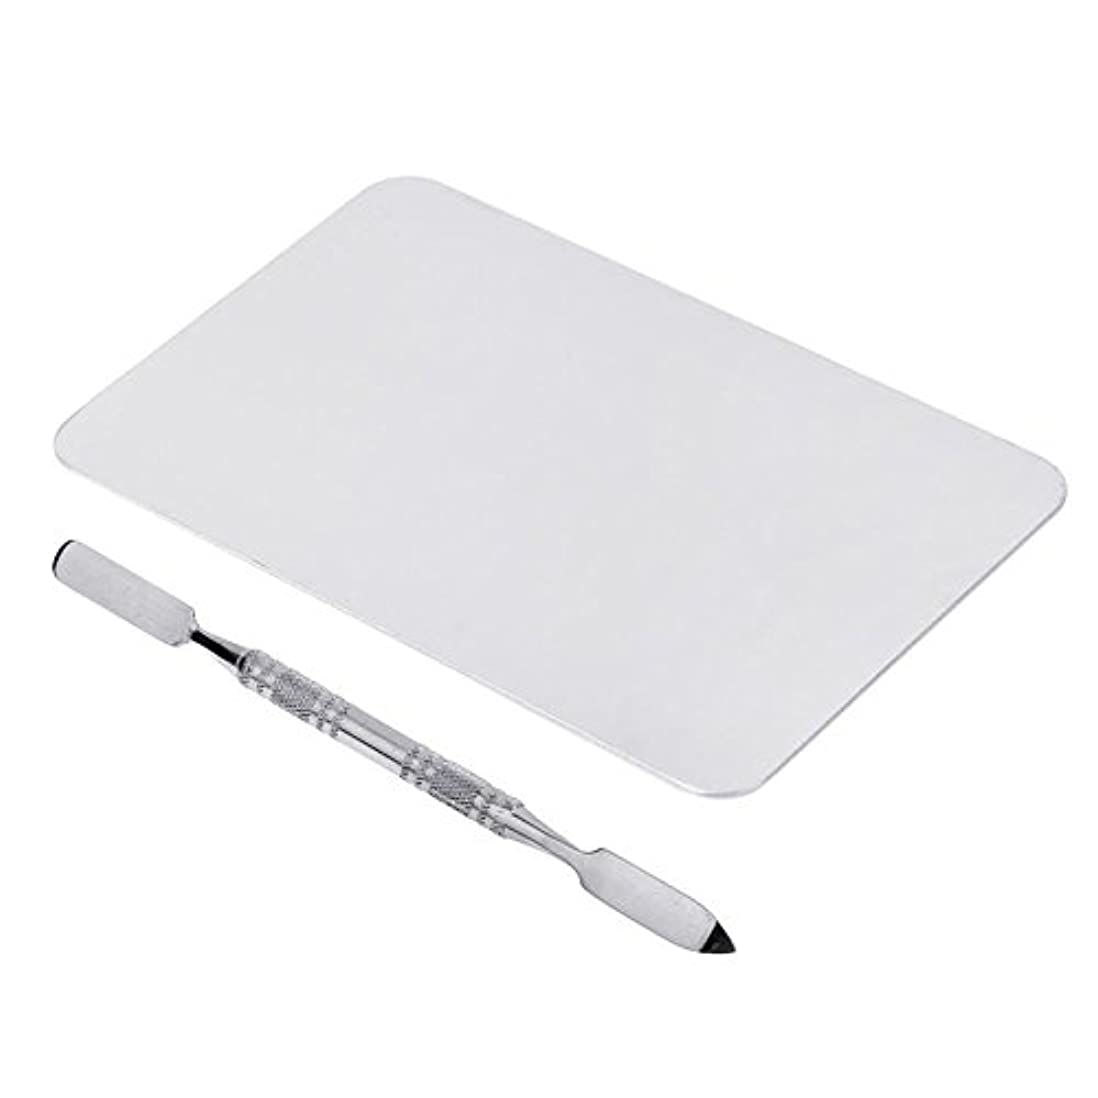 仕方レタッチタッチSODIAL 2色のメイクパレットマニキュア、メイクアップ、アイシャドウパレットパレットセット12cm